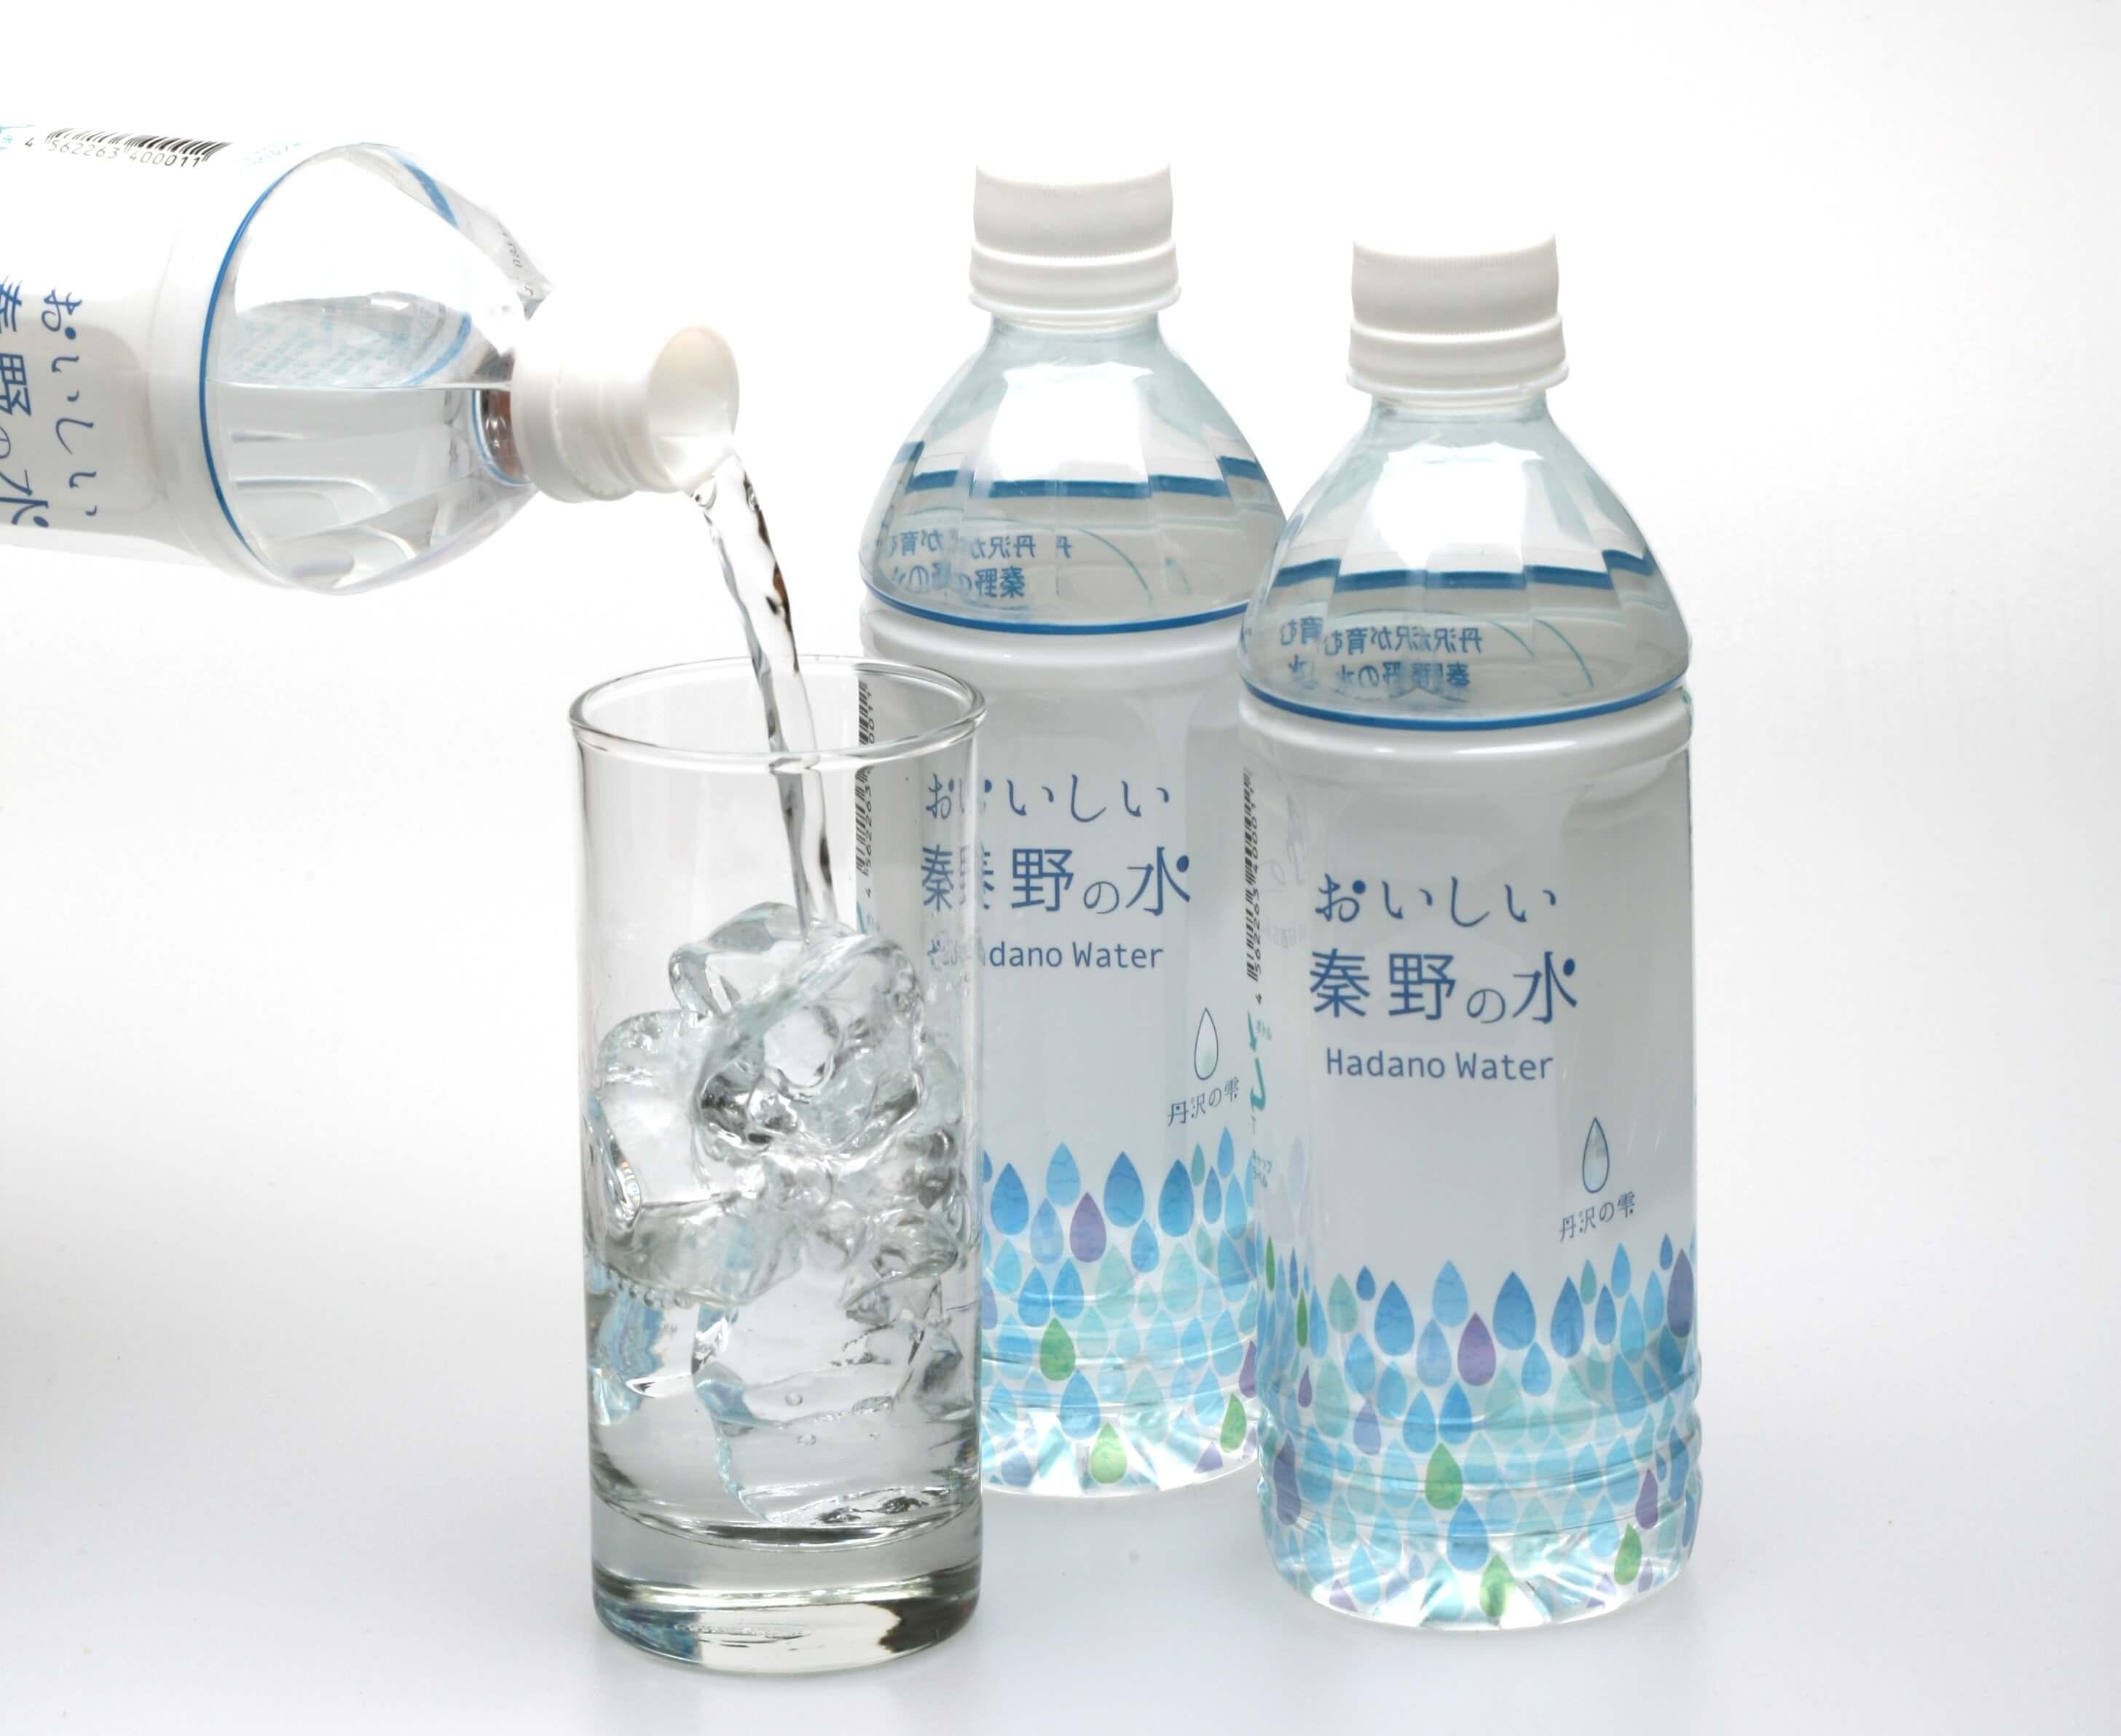 <おいしさがすばらしい「名水」部門>で第一位となった丹沢のしずくを特別プレゼント中です